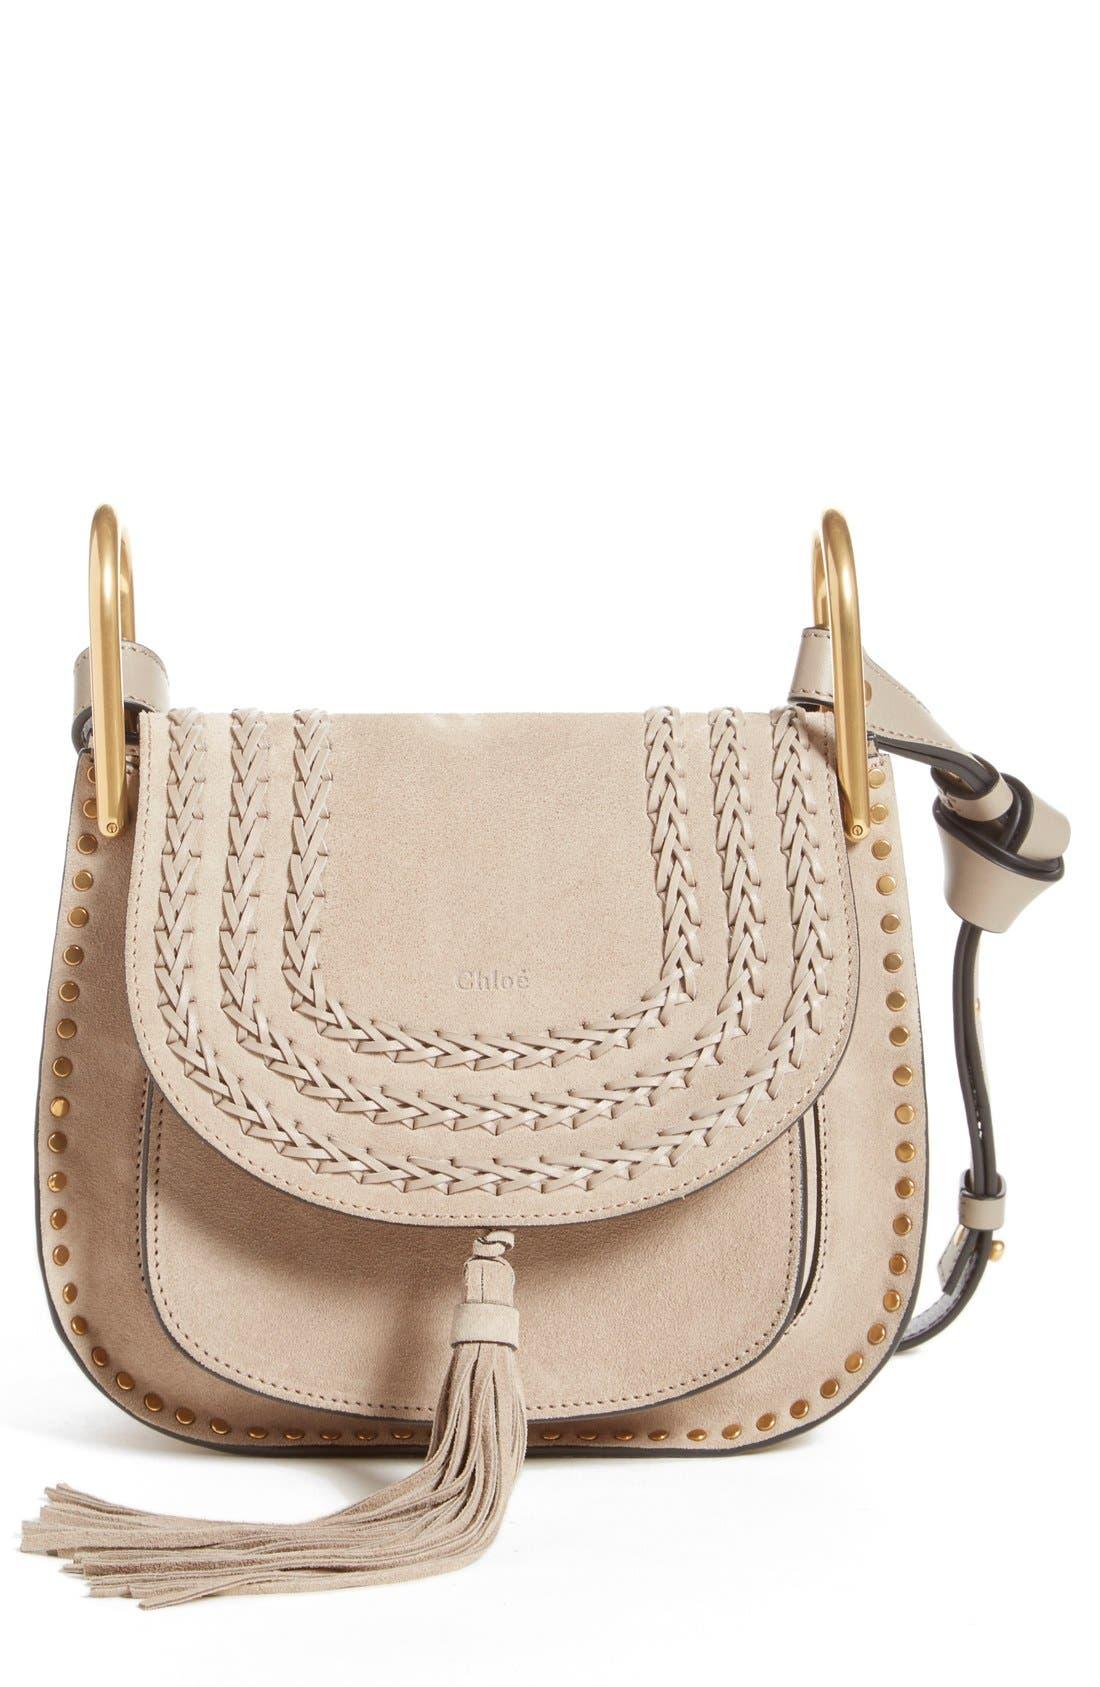 Chloé 'Small Hudson' Shoulder Bag | Nordstrom